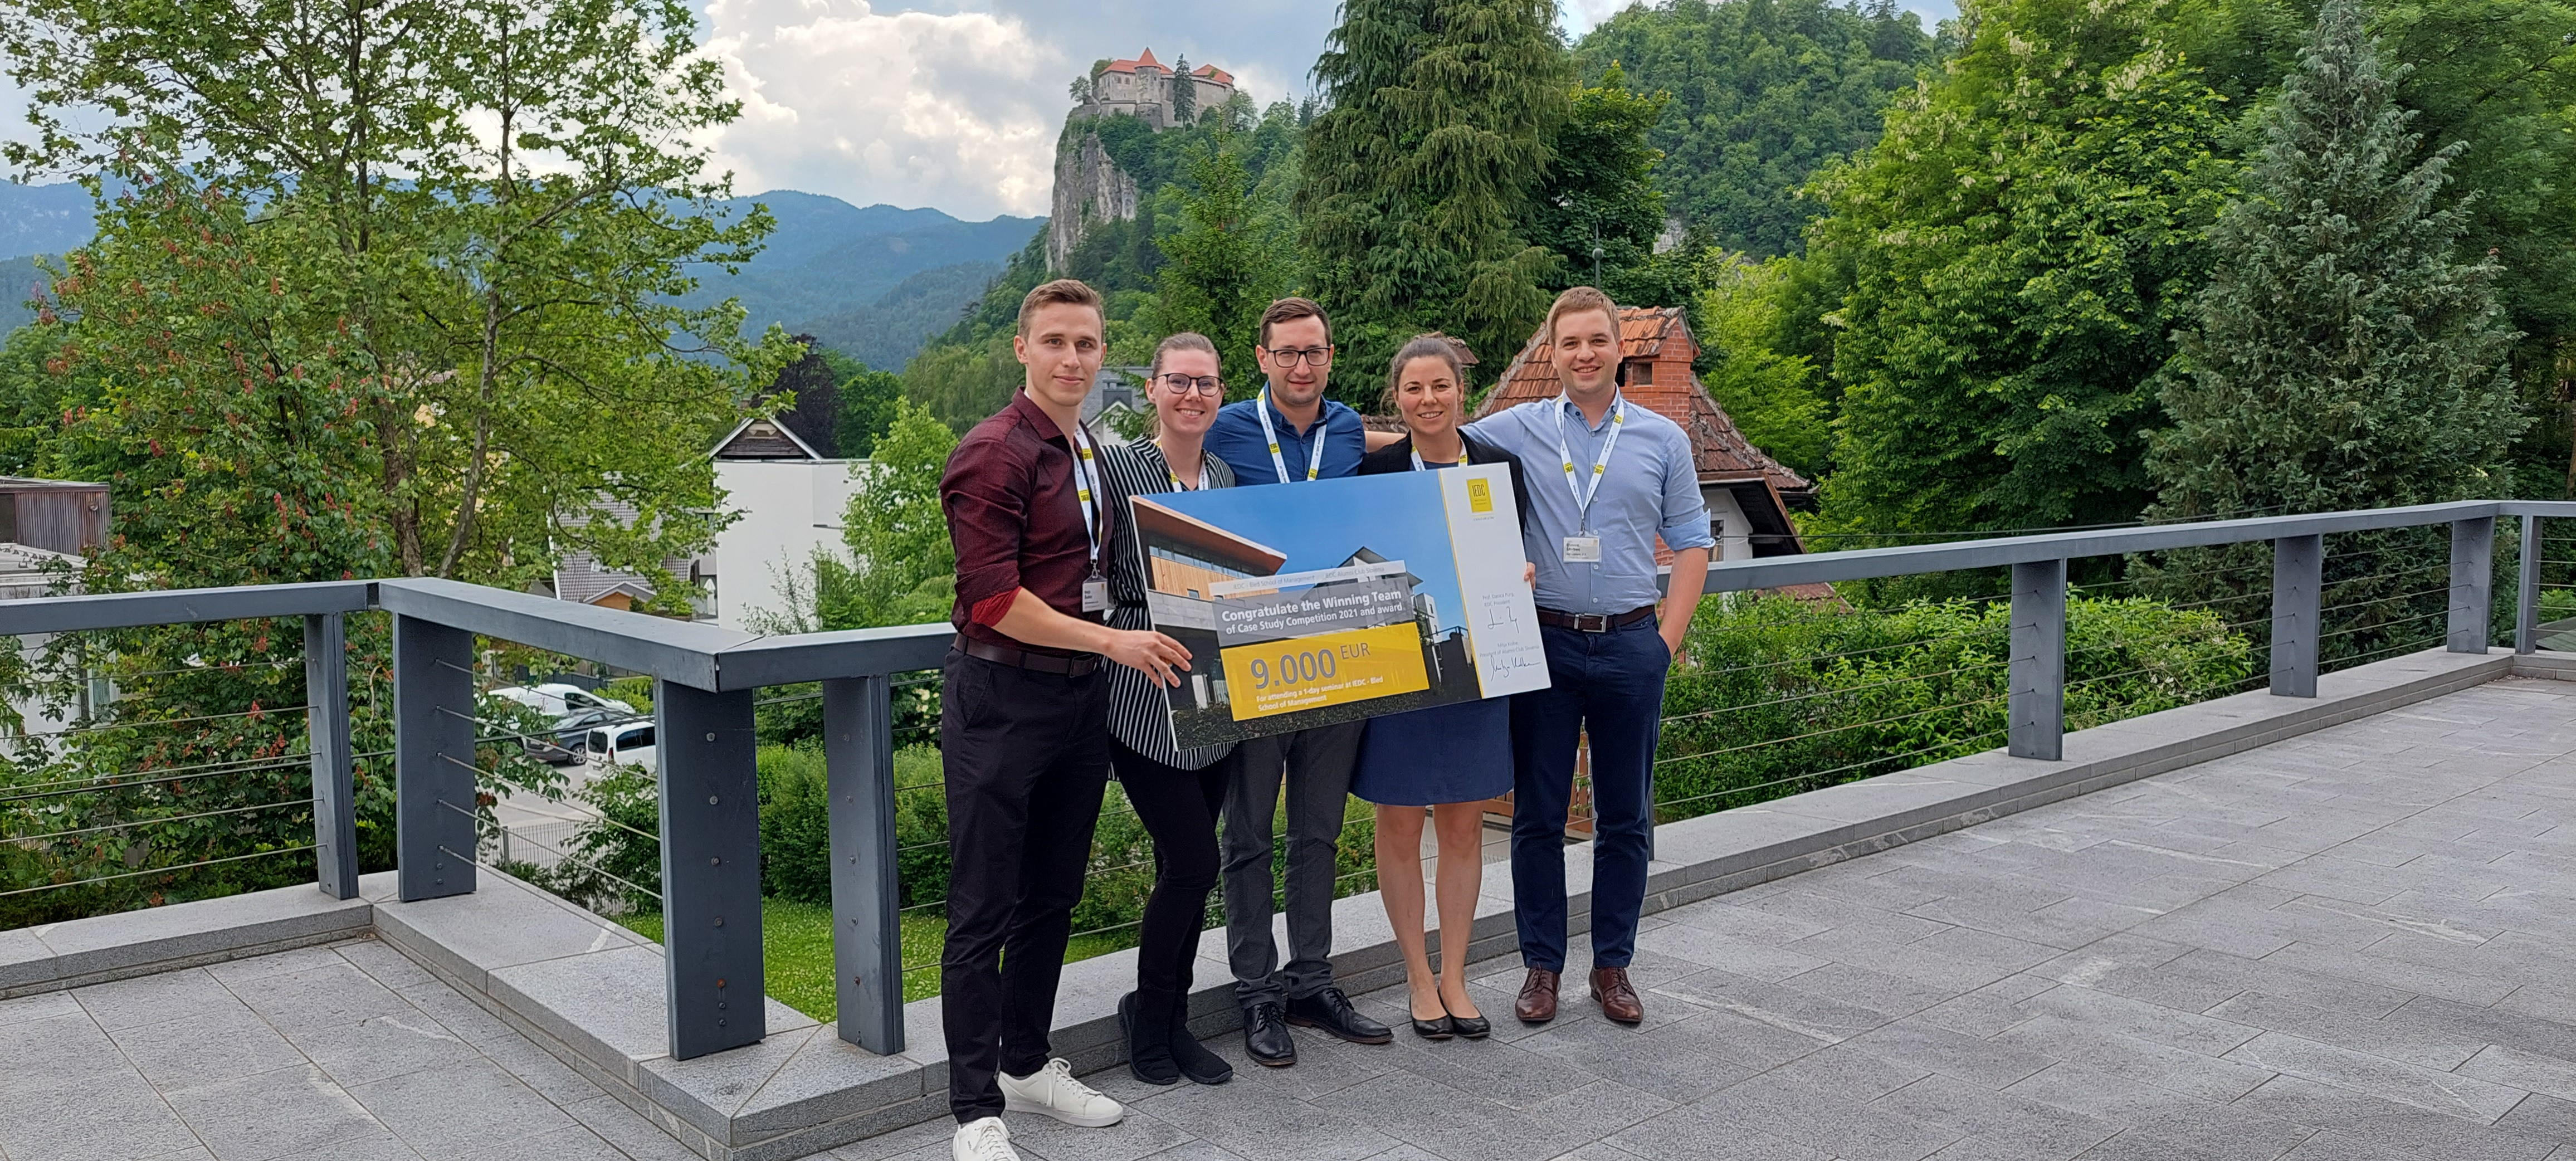 The winning team Iskraemeco